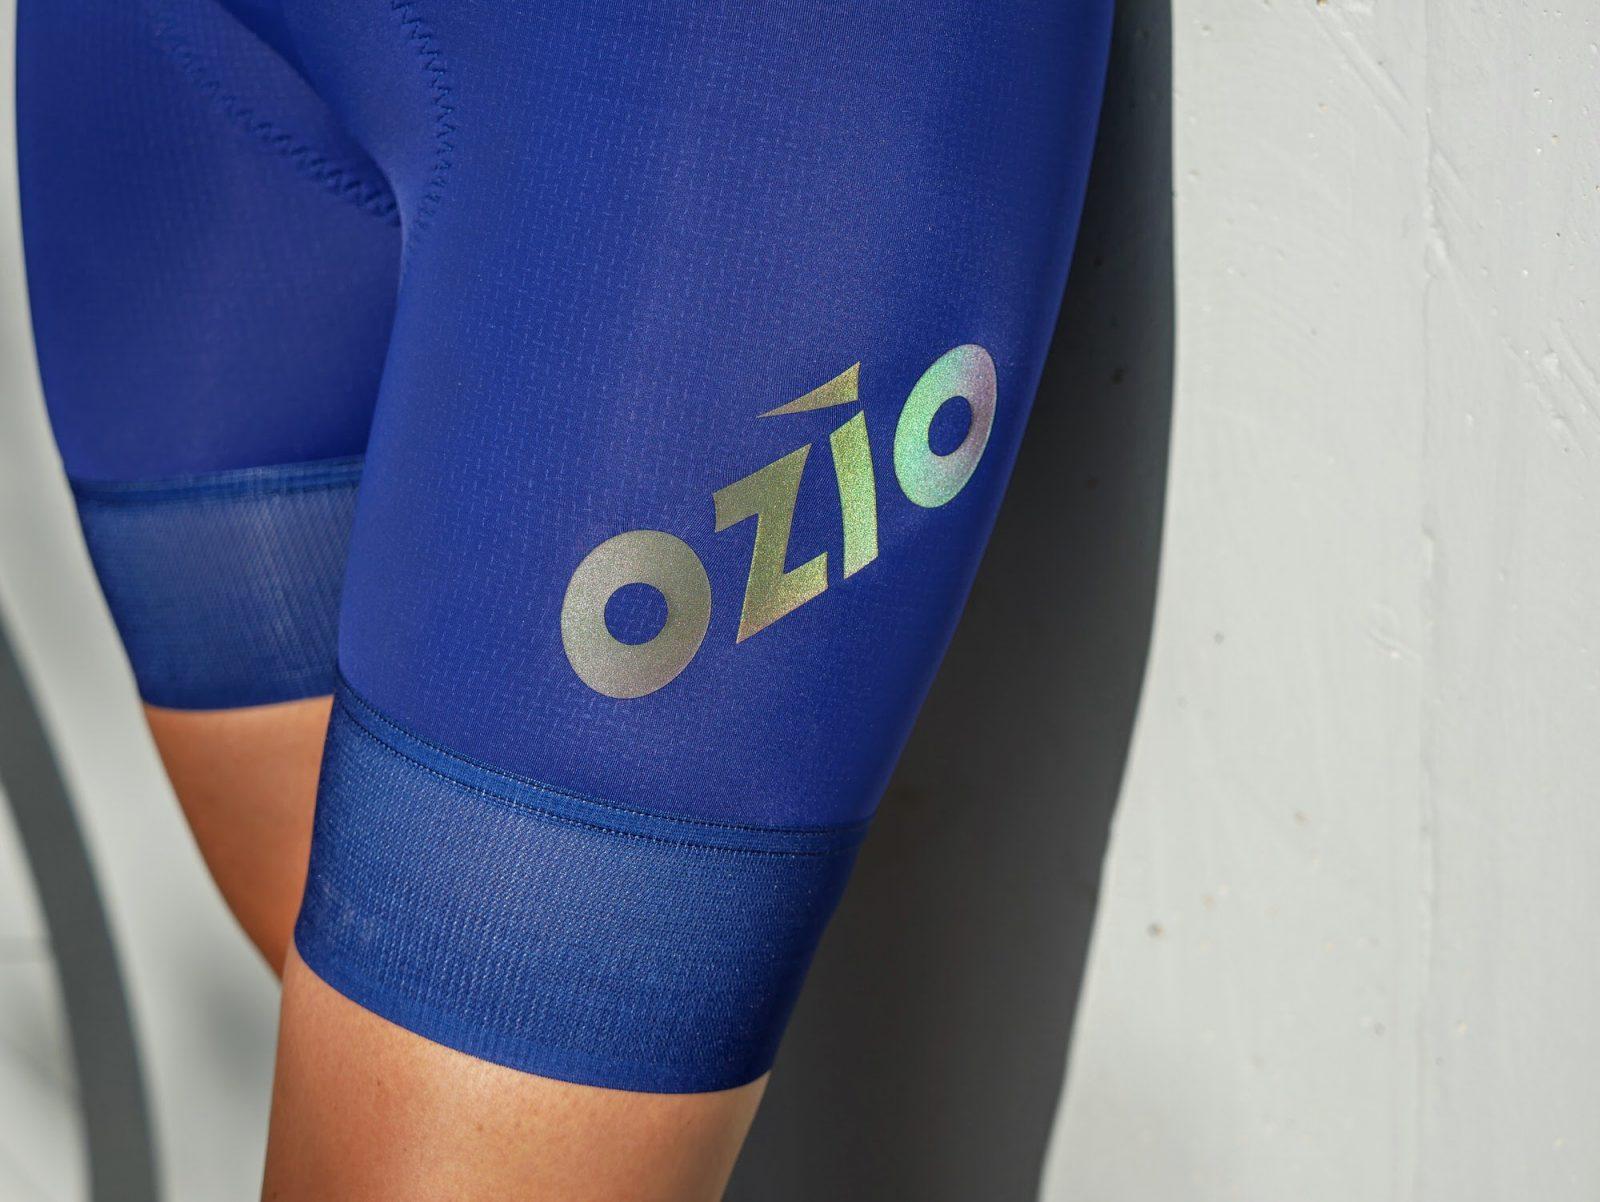 Cuissard de vélo femme bleu marine sans bretelles OZIO